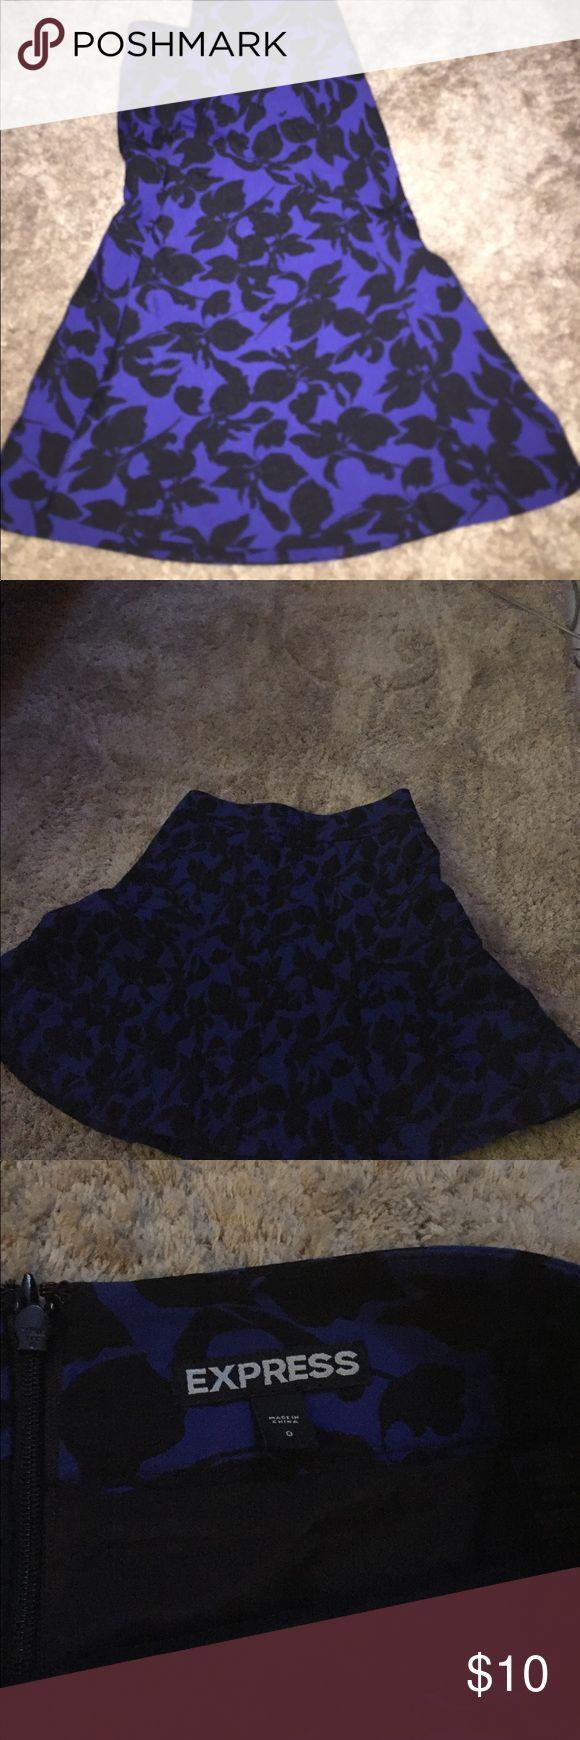 Express mini peplum skirt size 0 Beautiful express skirt size 0 in exceptional shape Express Skirts Mini